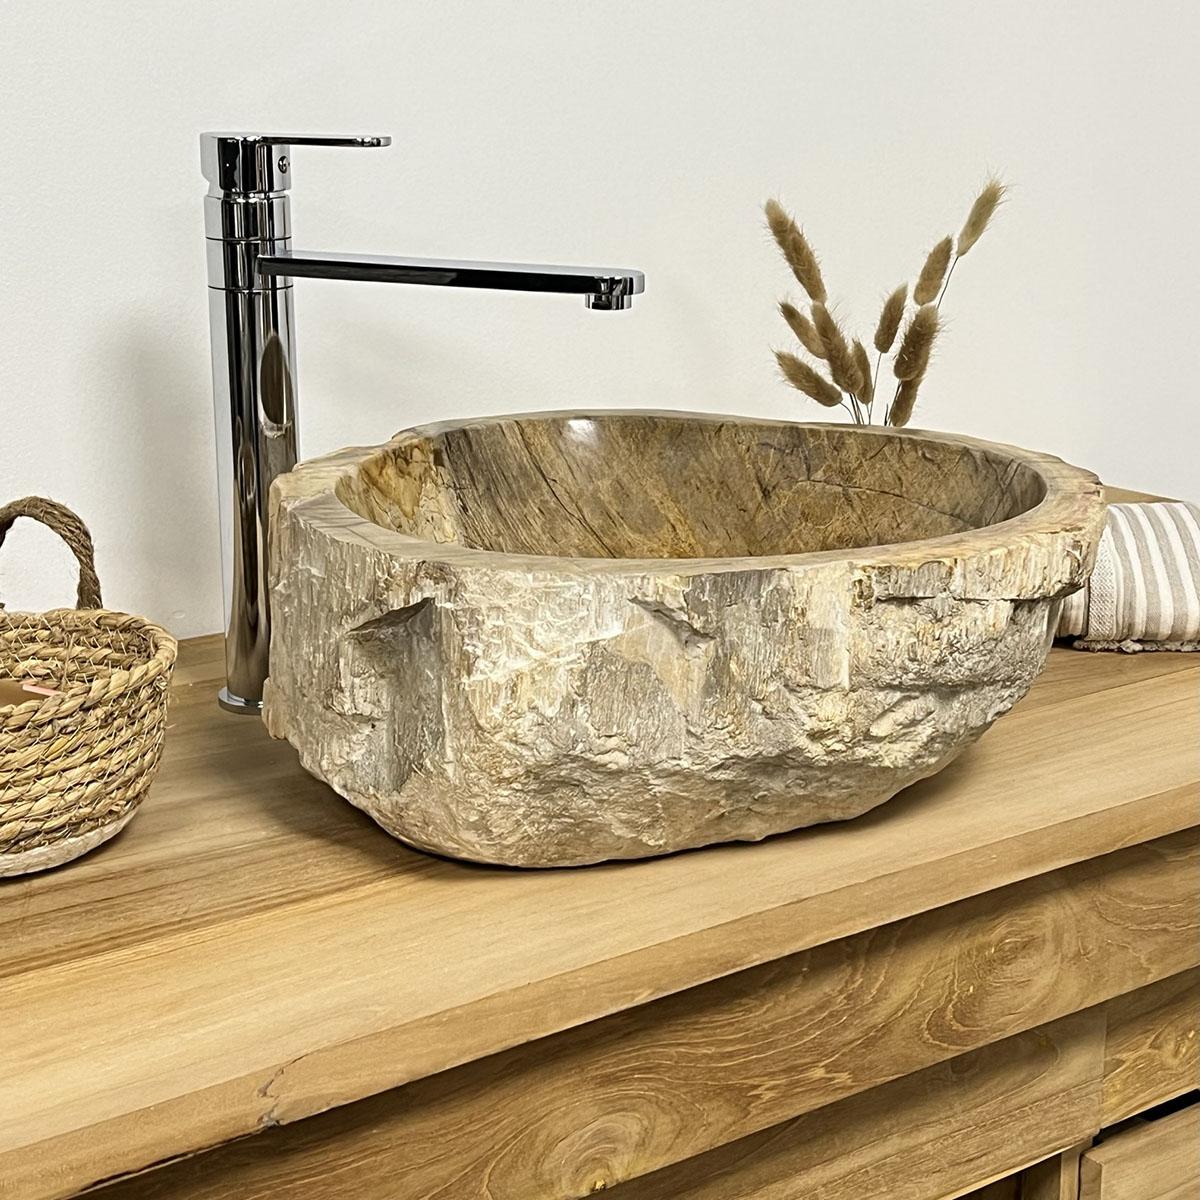 Lavabo encimera de madera petrificada fosilisada 51 cm for Encimeras de madera para banos